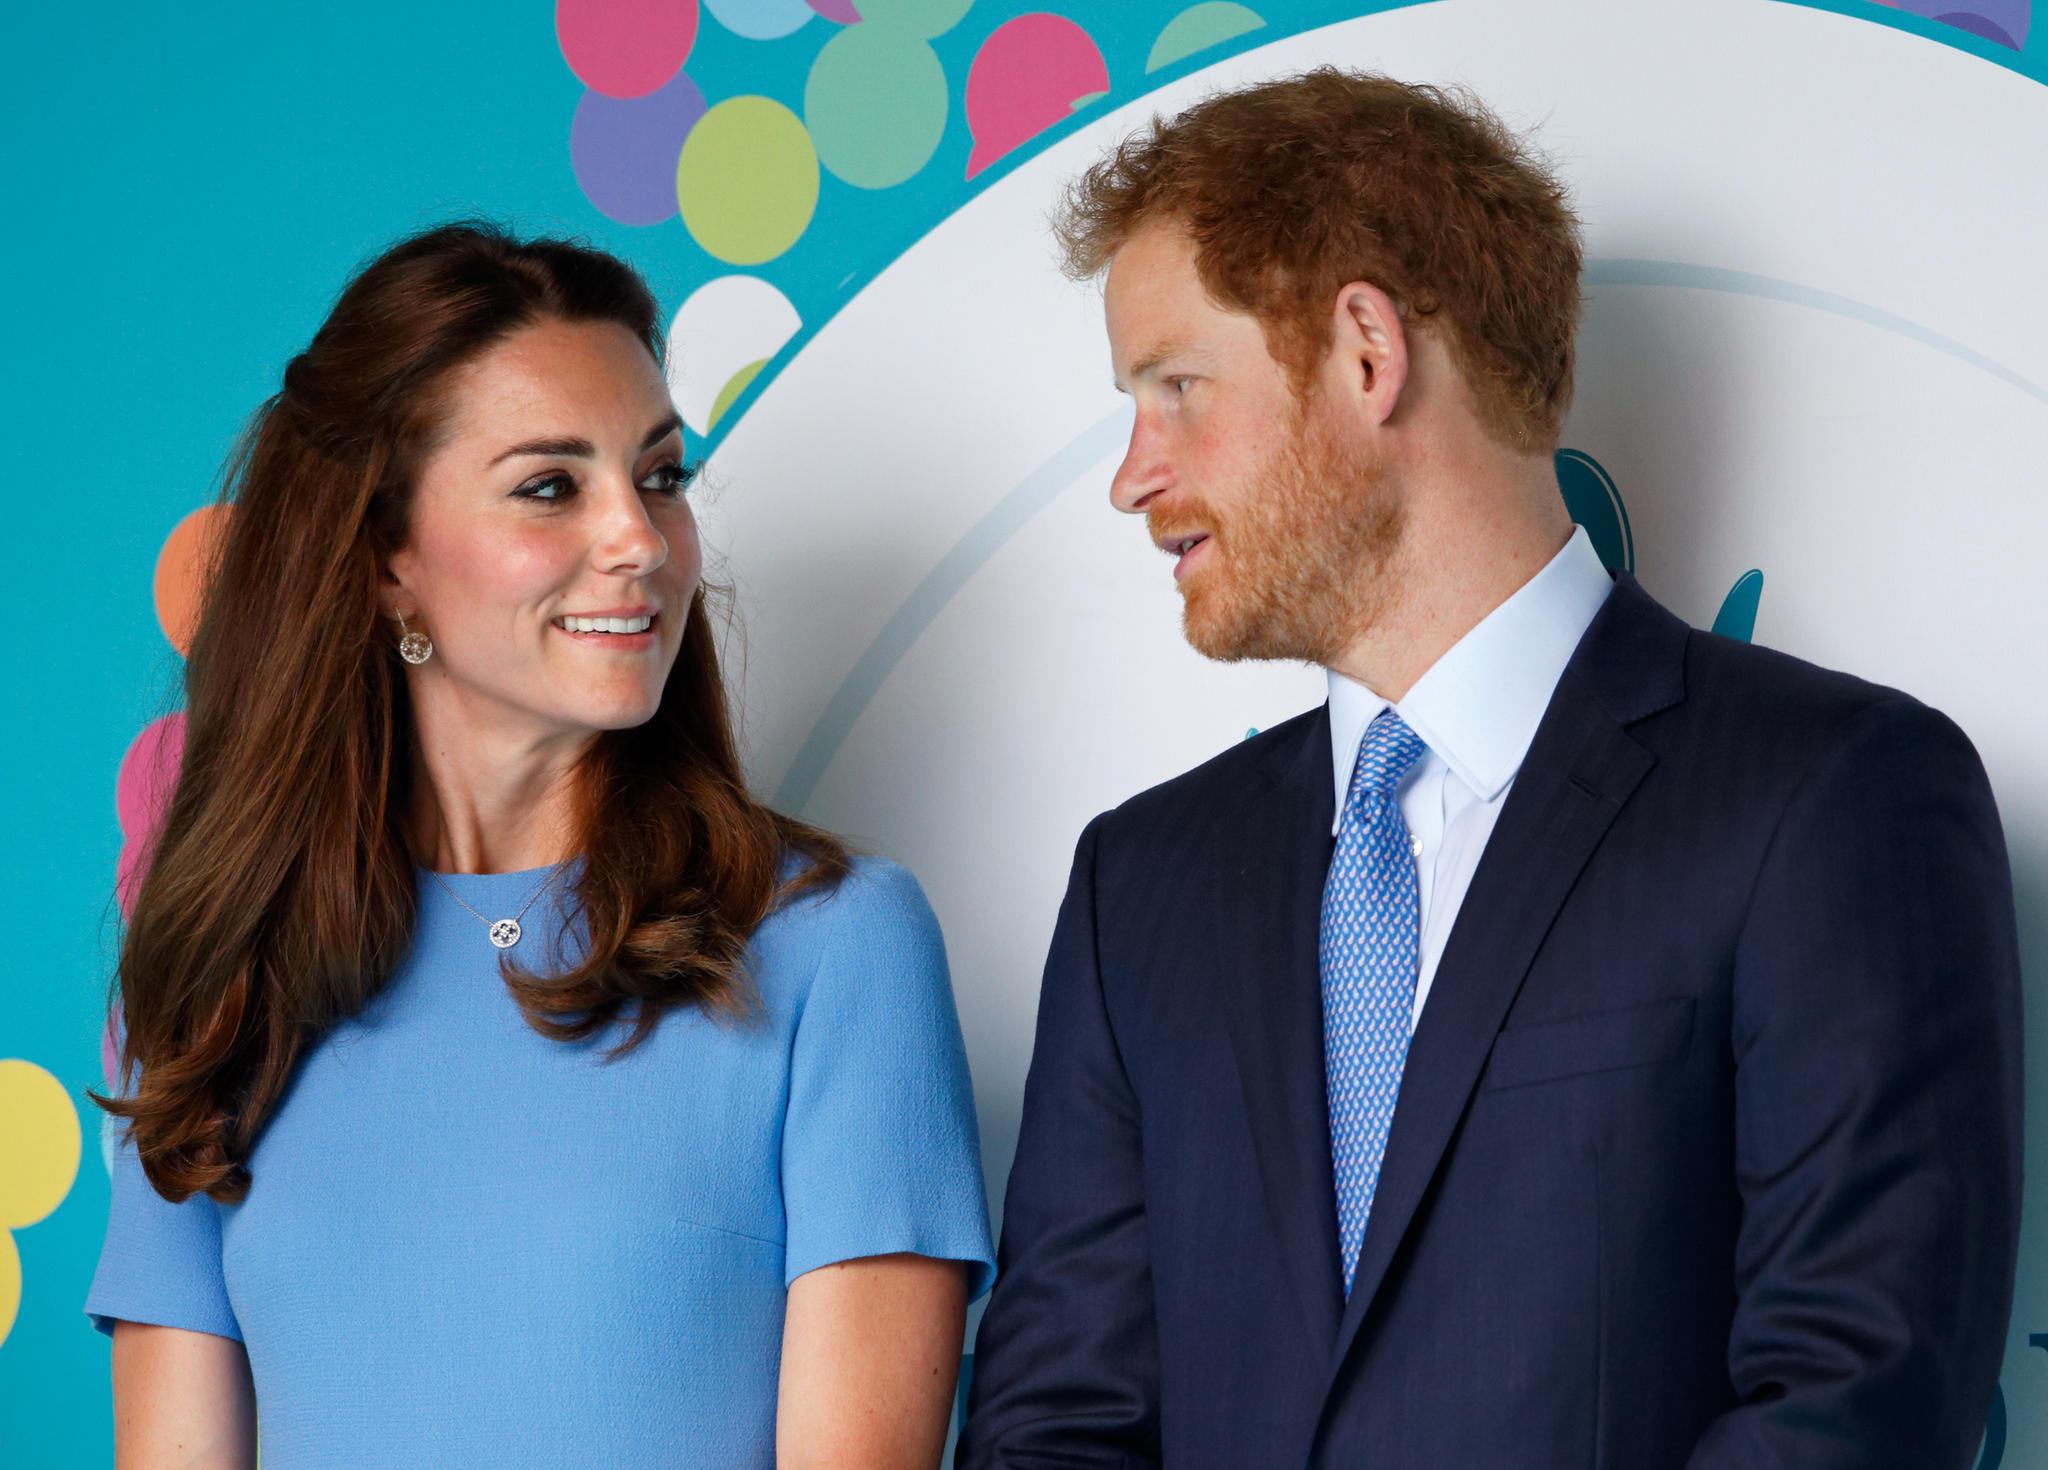 Herzogin Catherineund Prinz Harry - zwei, die sich immer aufeinander verlassen können